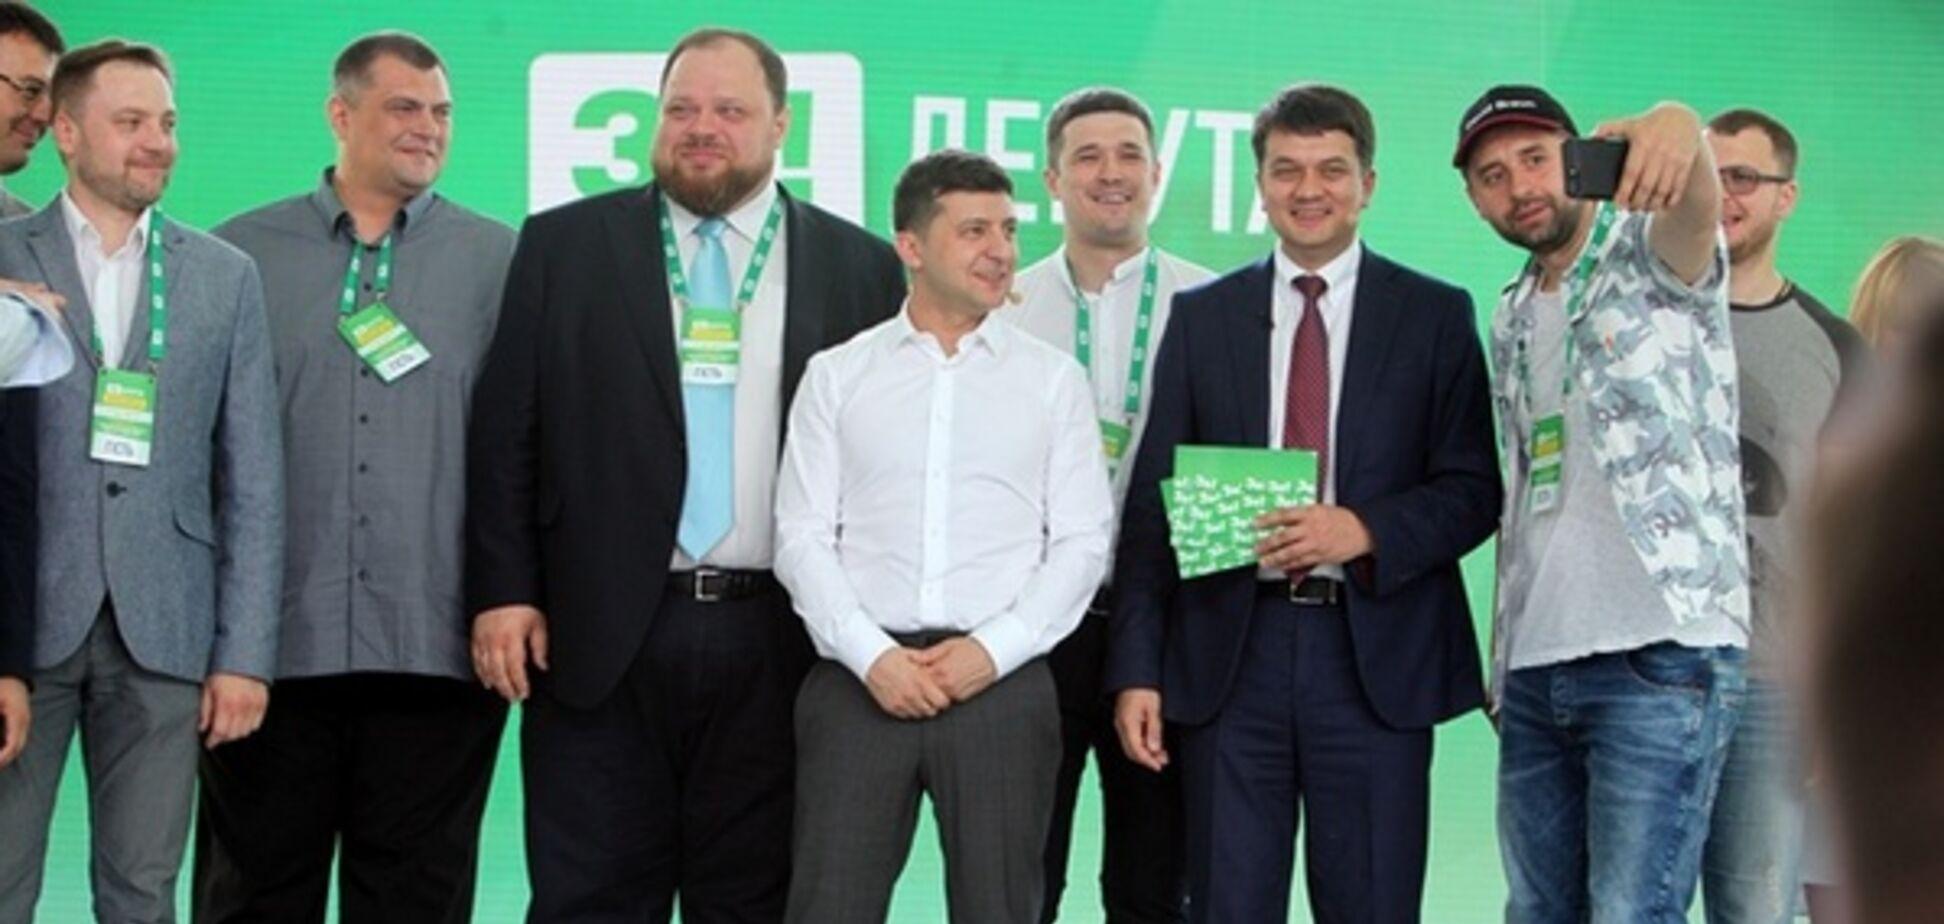 'Власть меняется': Рябошапка высказался о распаде 'Слуги народа'